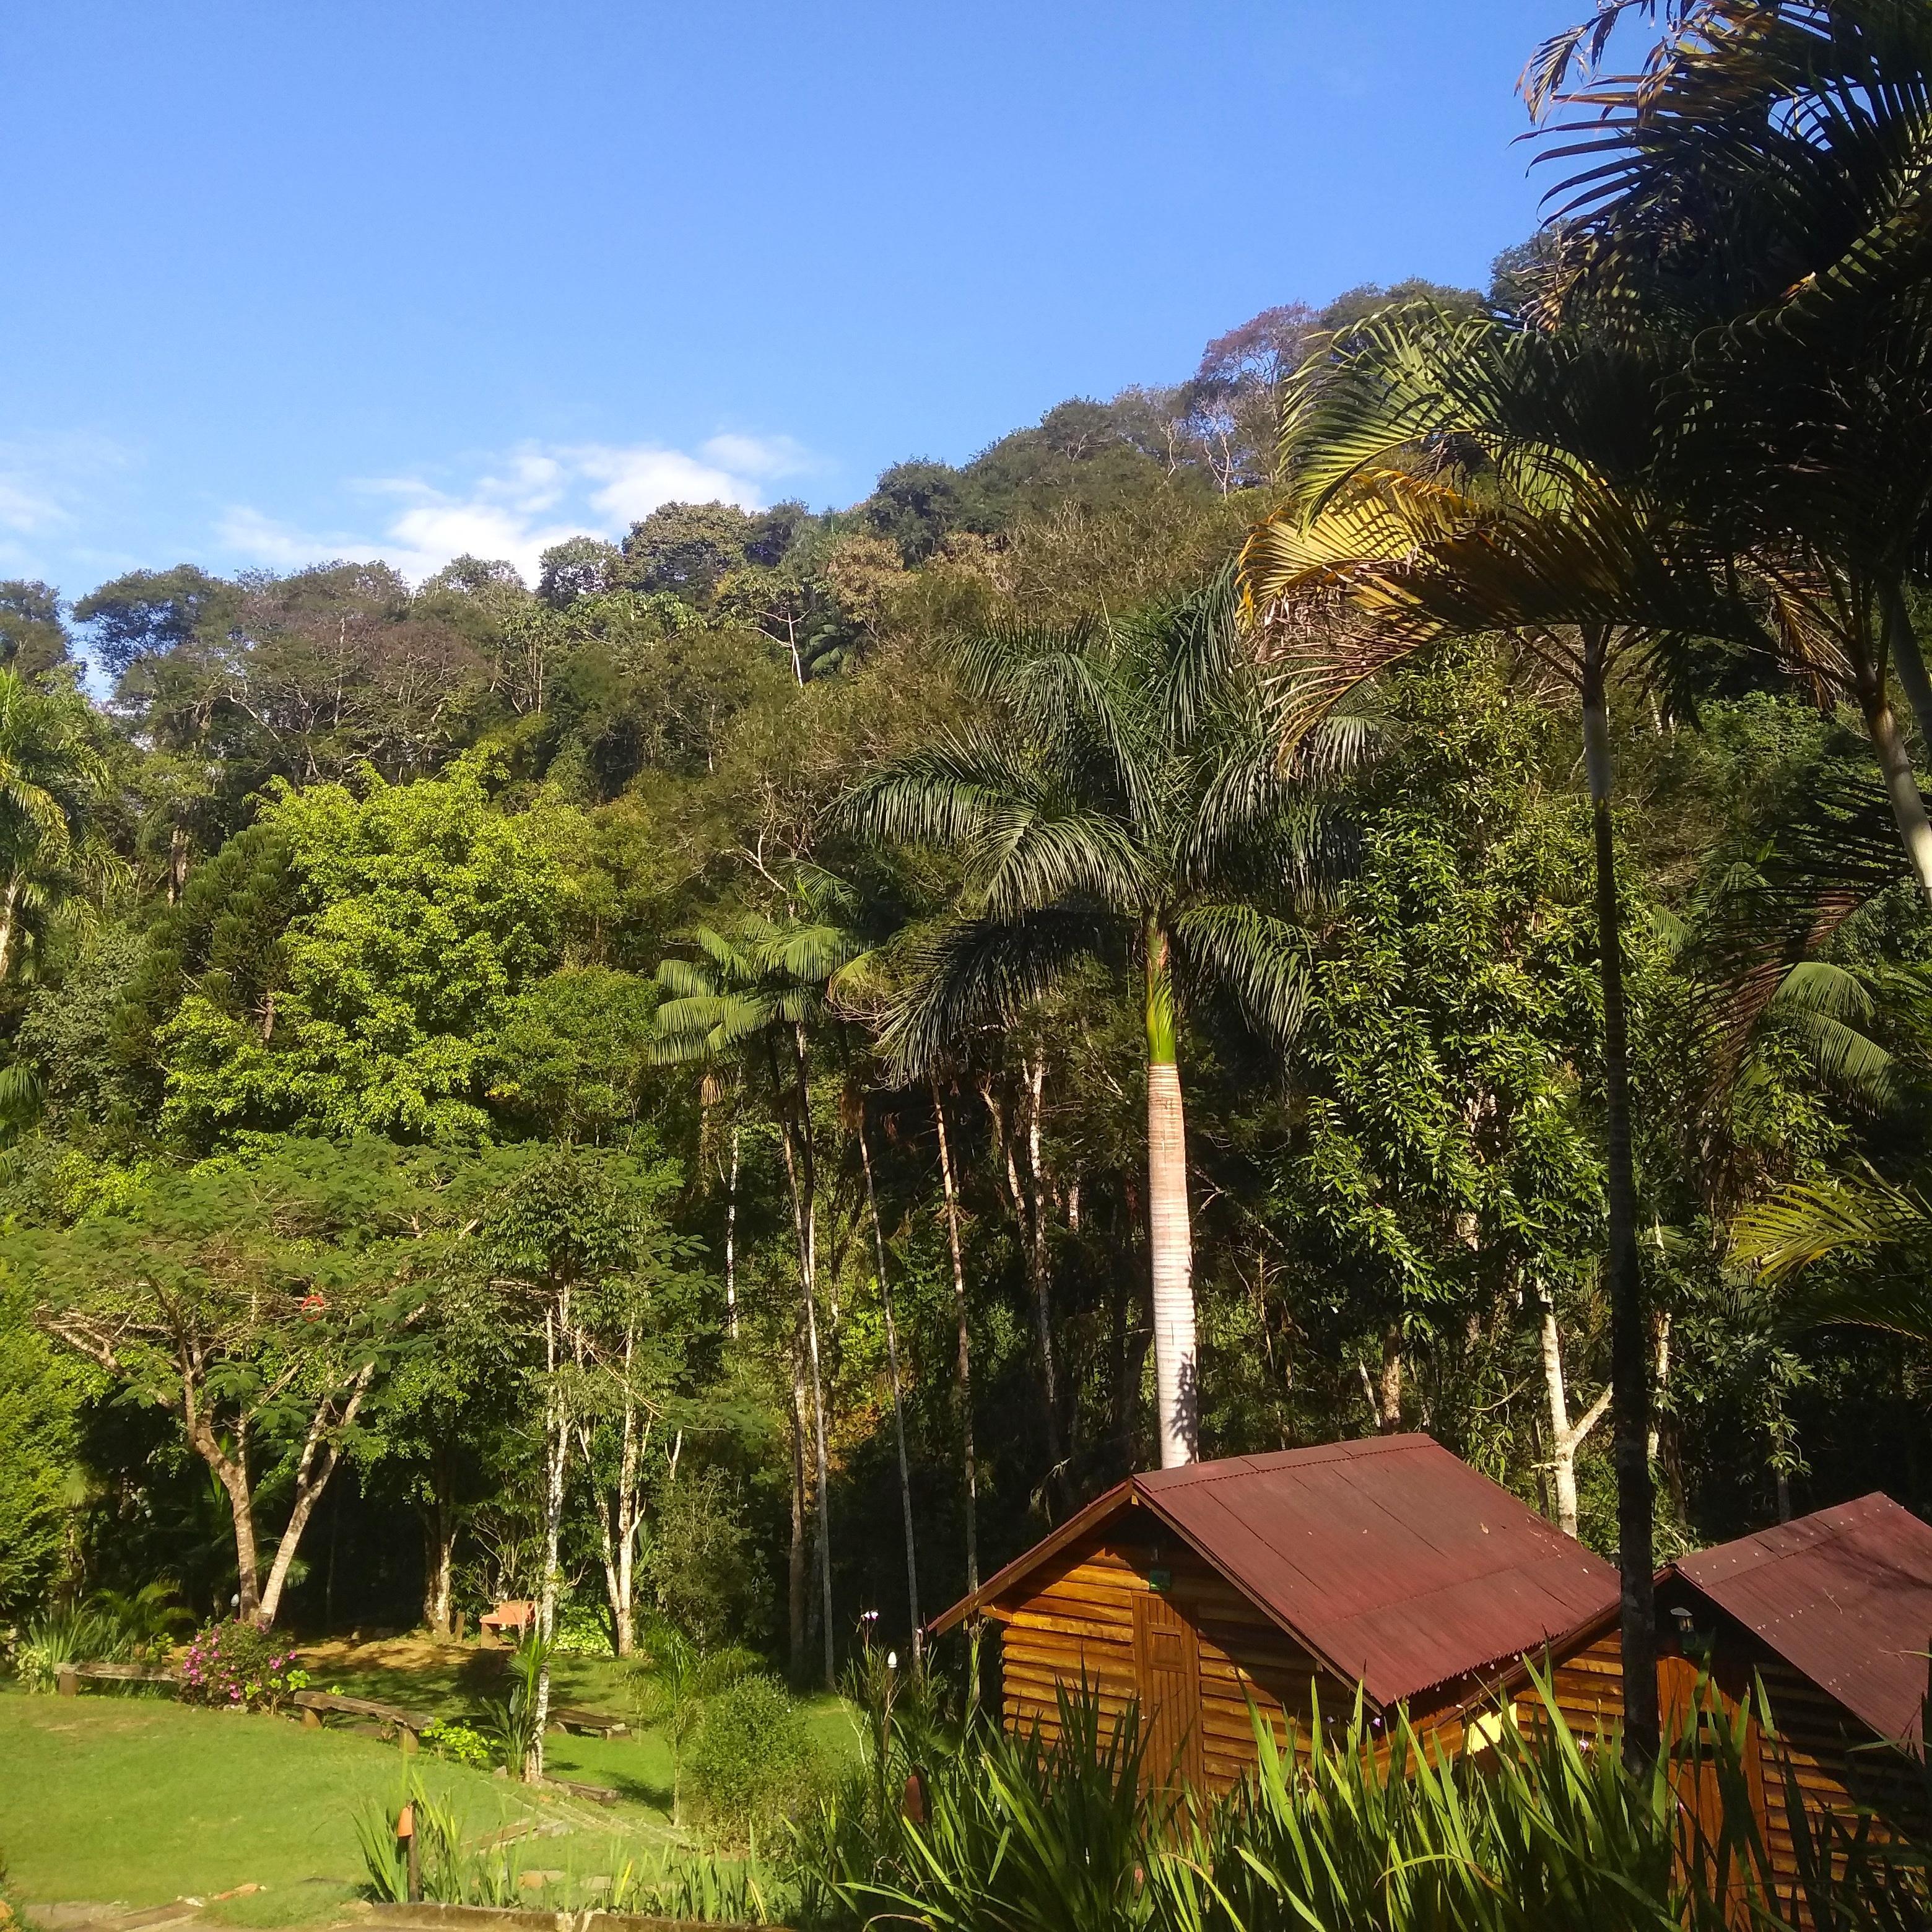 Cabanas, Estacionamento e Camping